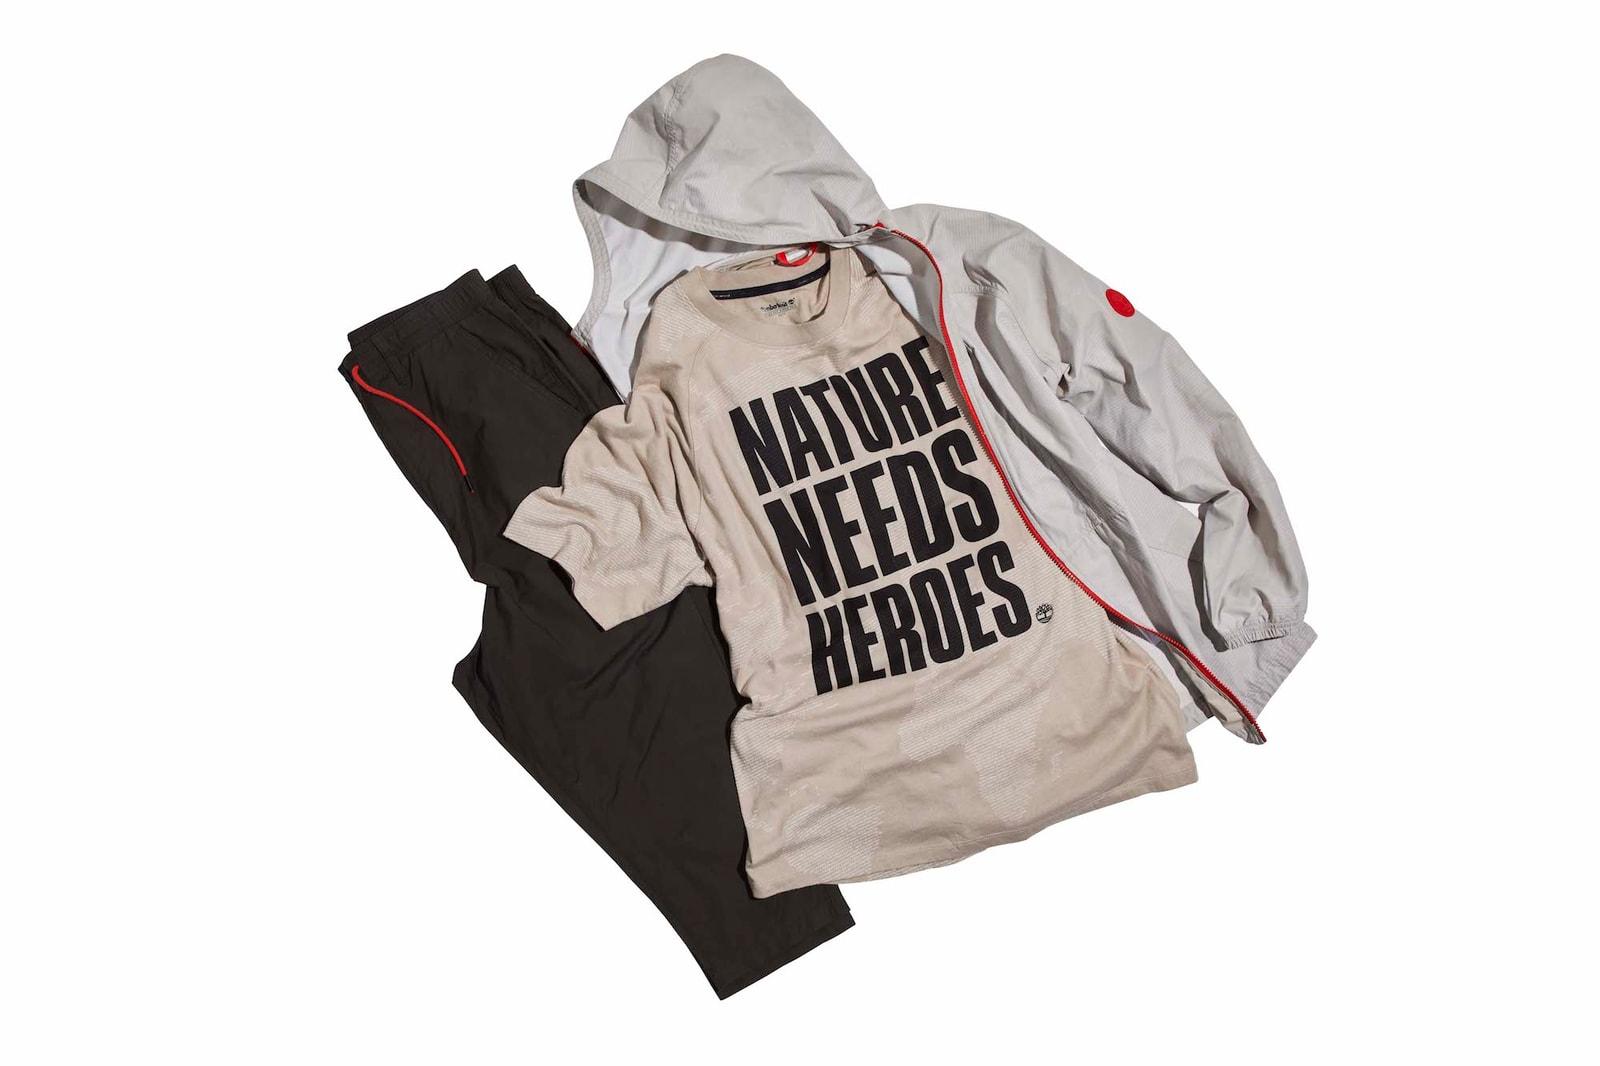 環保理念先行!Timberland 帶來全新 Nature Needs Heroes 系列